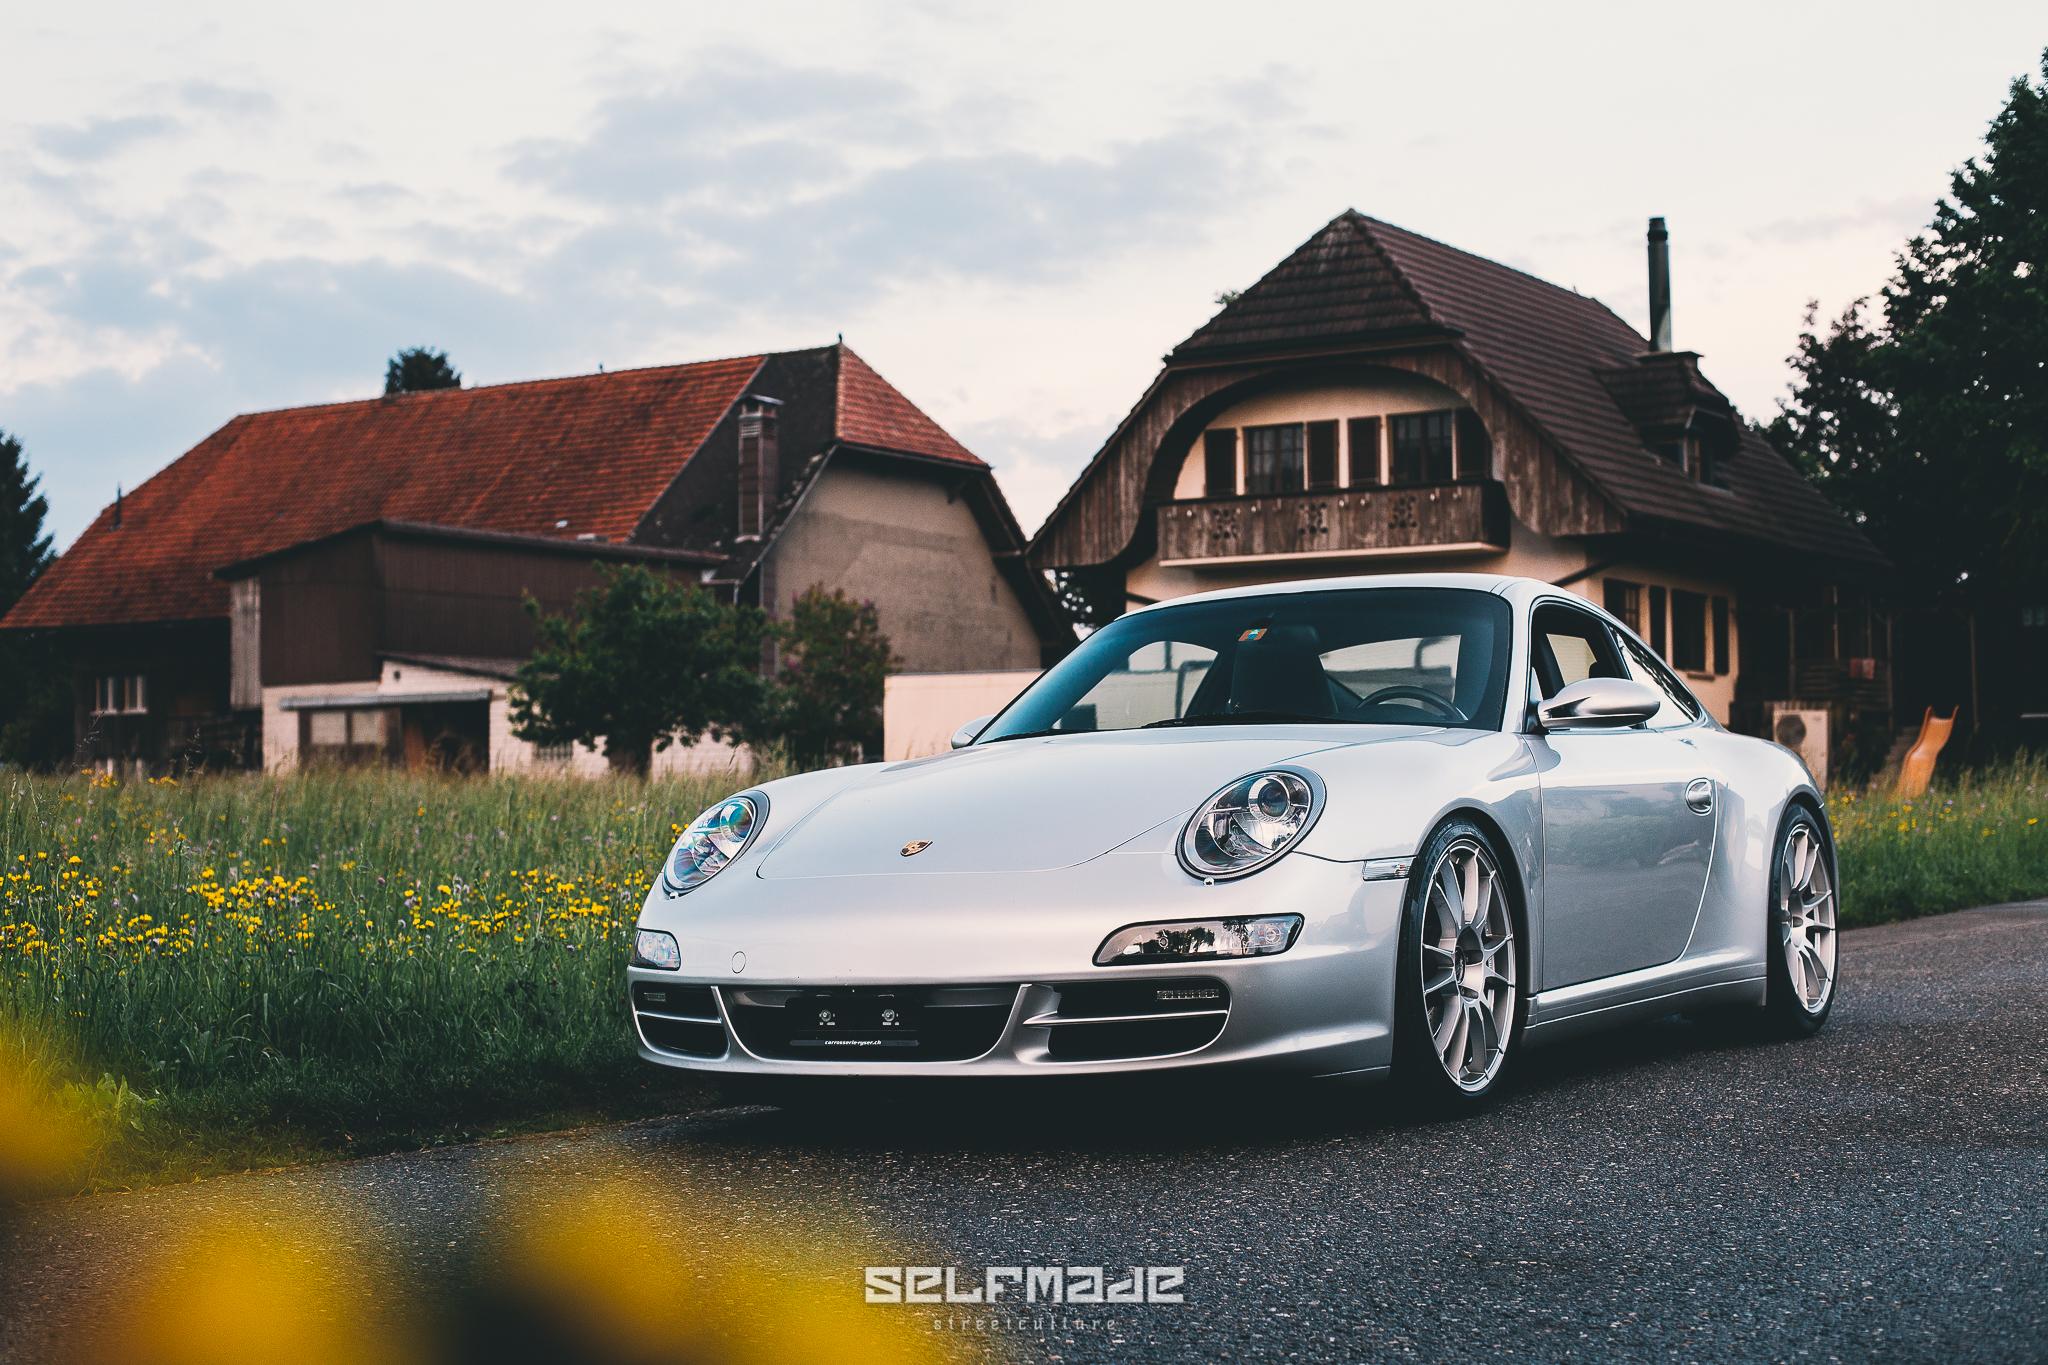 Porsche911_Selfmade (13).jpg